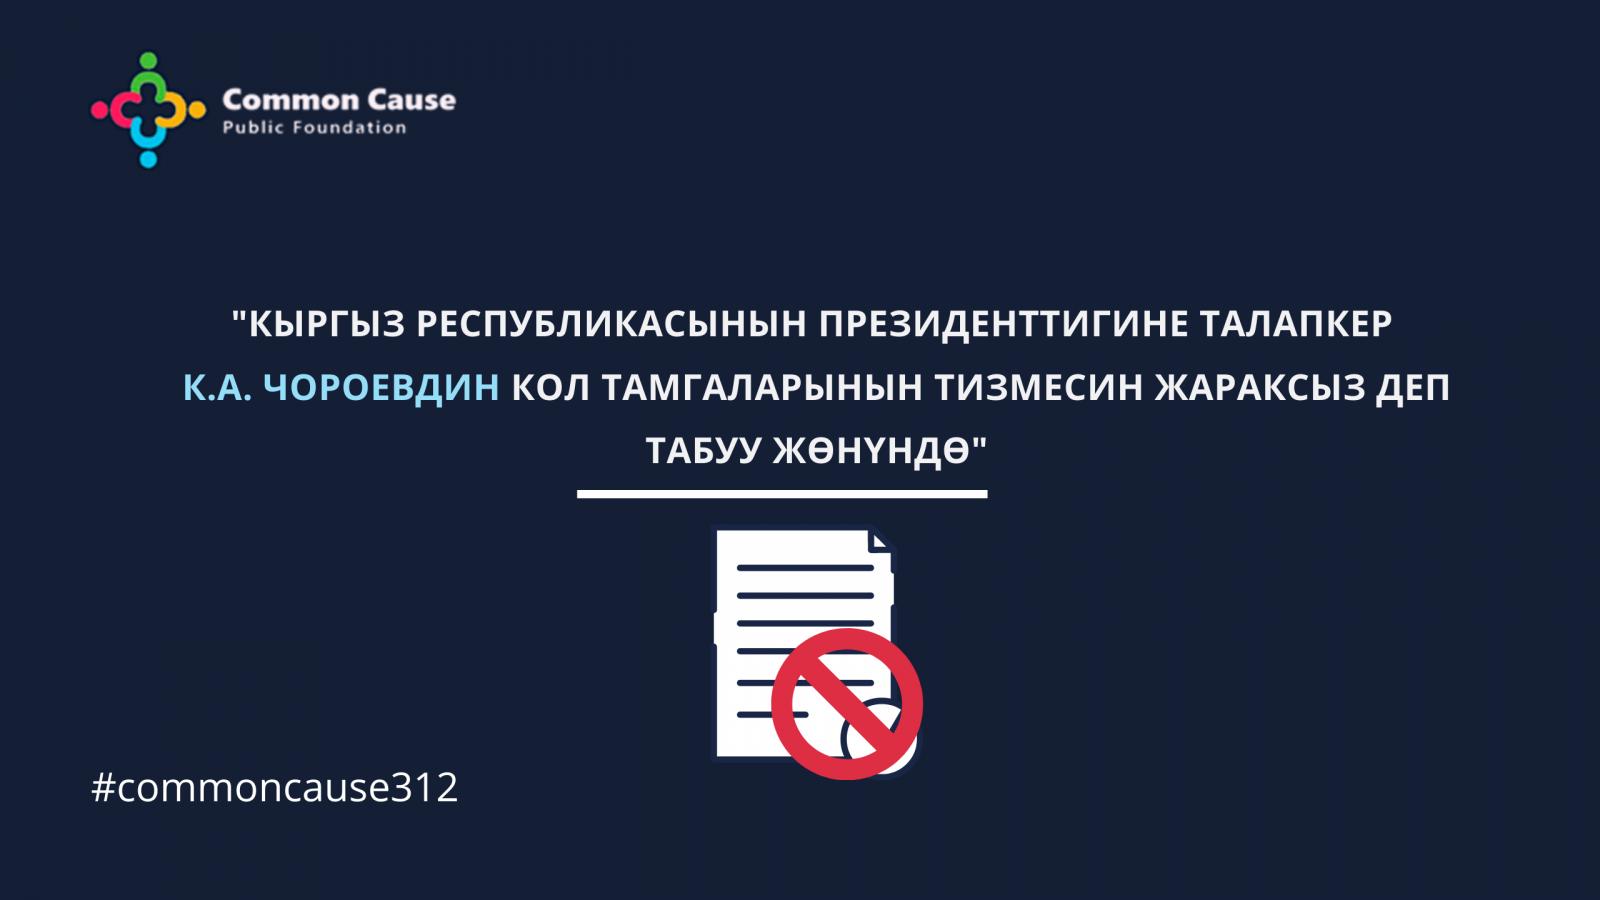 Кыргыз Республикасынын Президенттигине талапкер К.А. Чороевдин кол тамгаларынын тизмесин жараксыз деп табуу жөнүндө